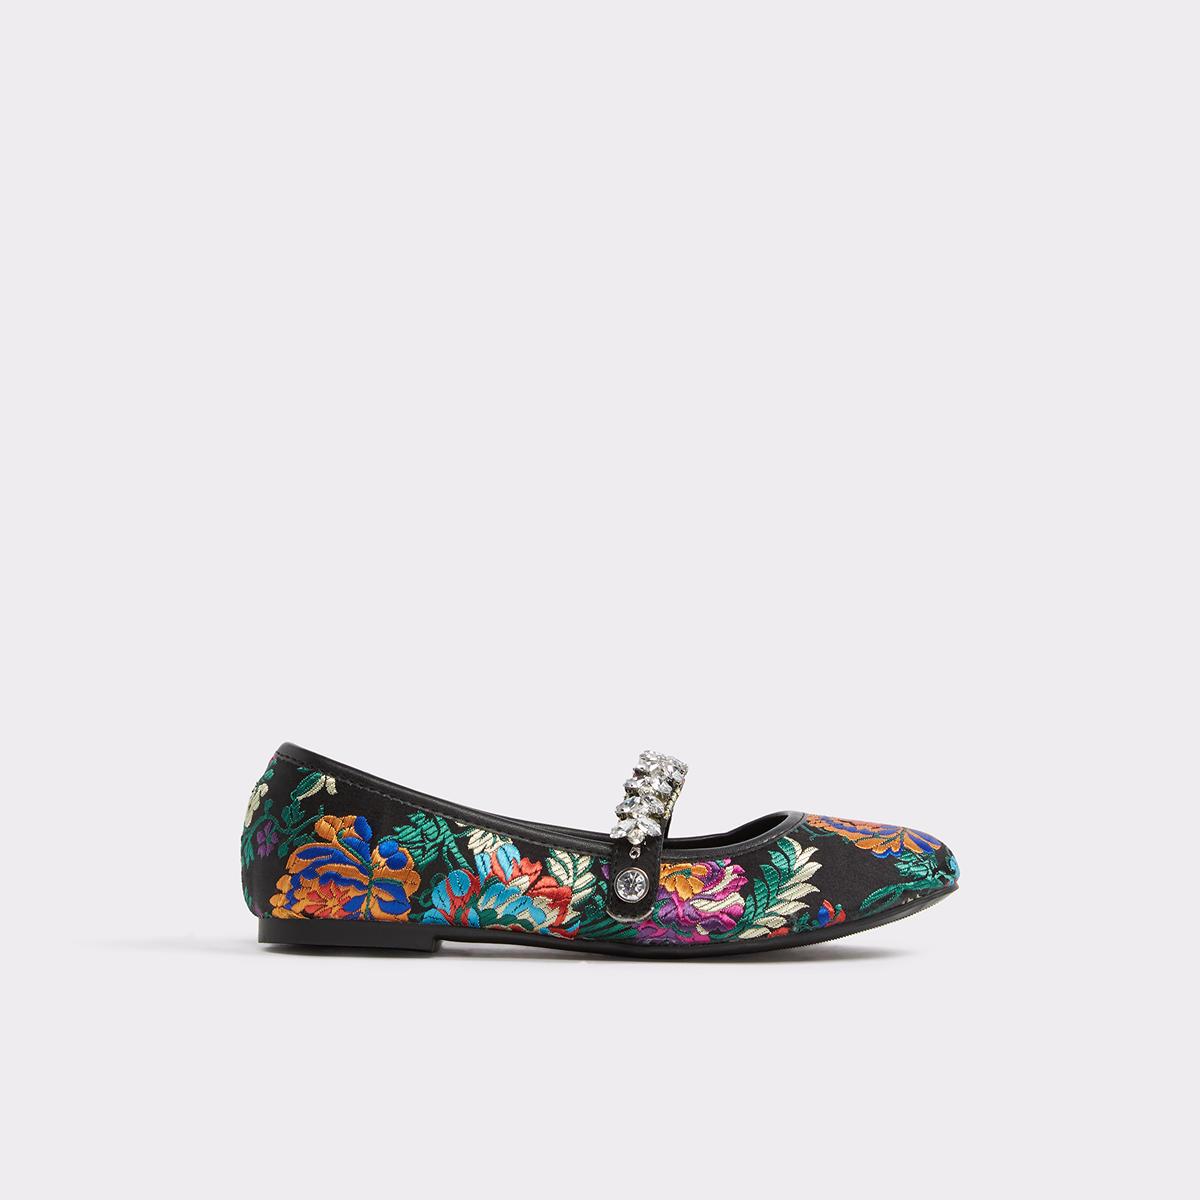 Despirito Bright Multi Women's Others | ALDO US at Aldo Shoes in Victor, NY | Tuggl